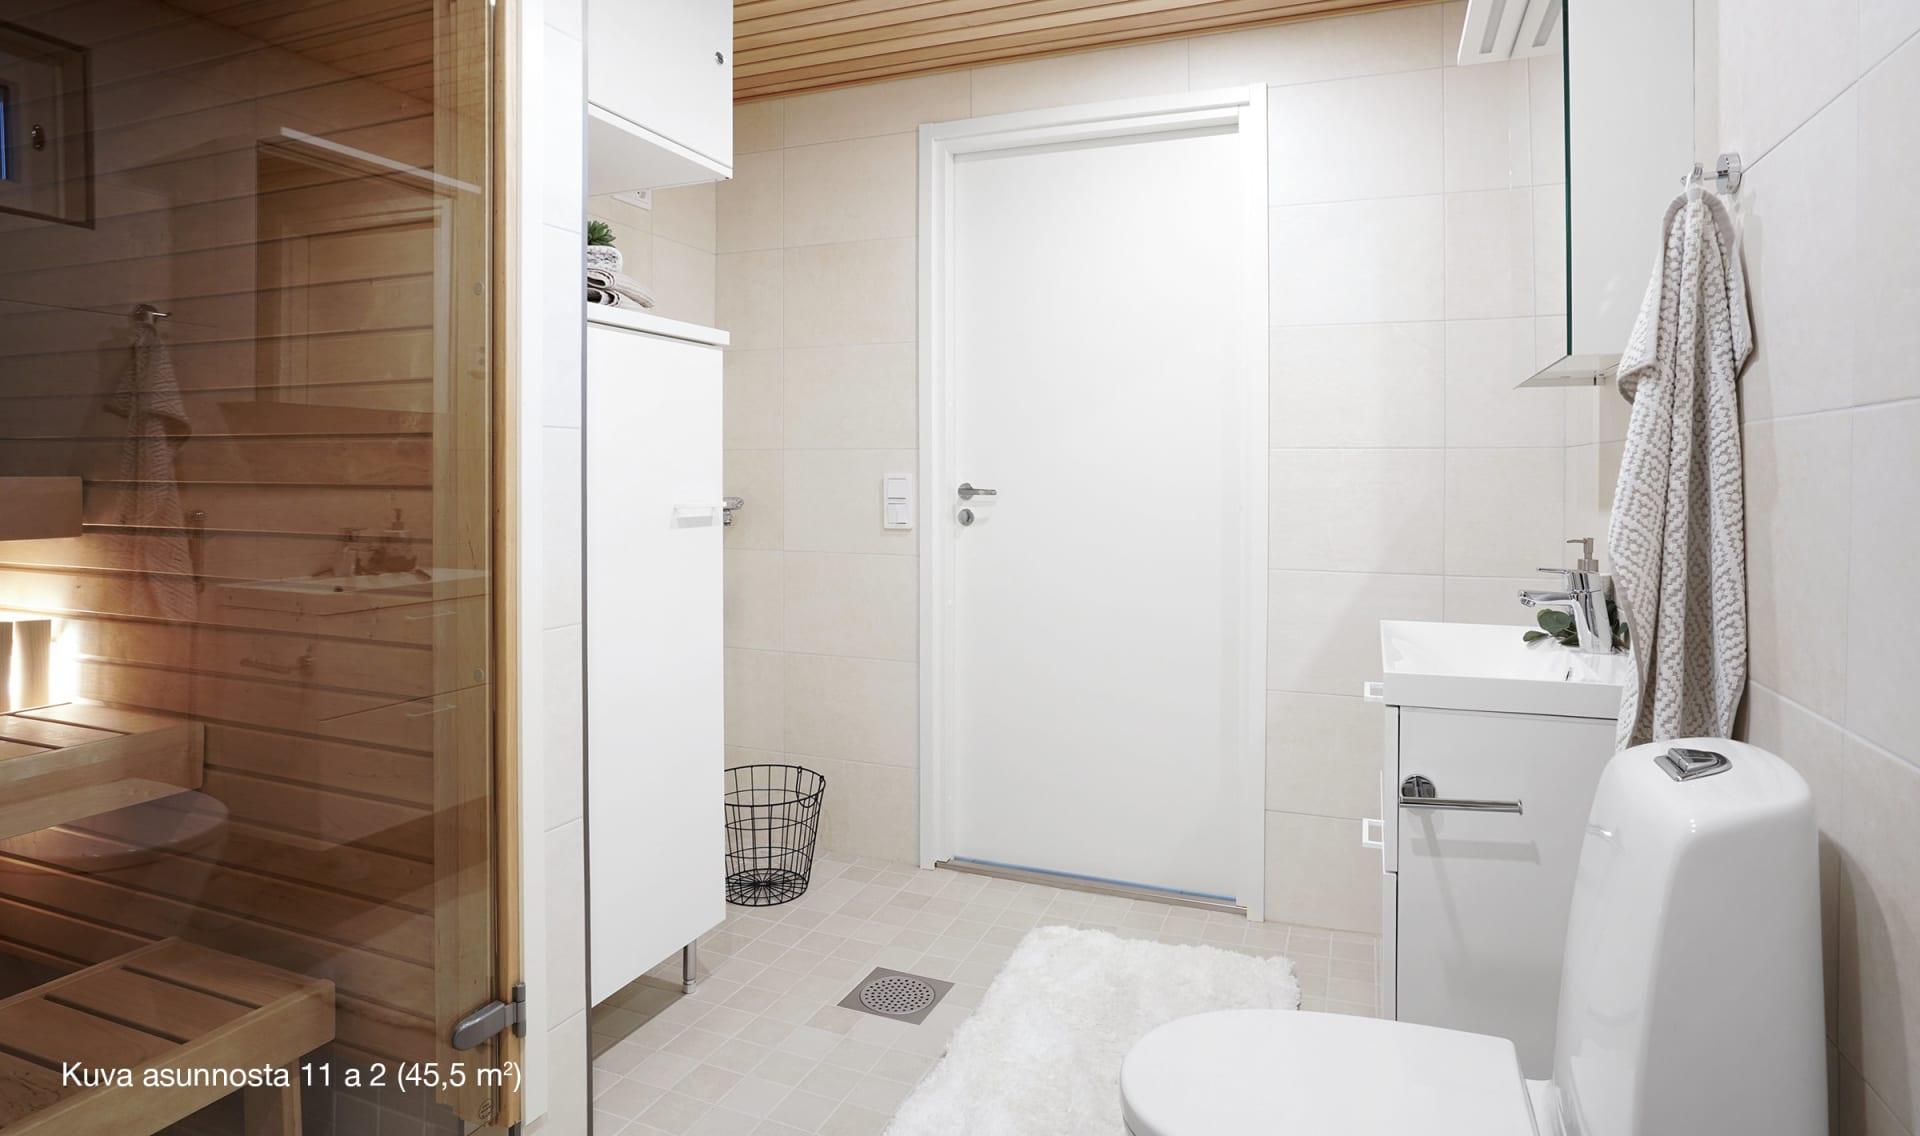 Asunto Oy Hämeenlinnan Villa Marrone, Sairionranta, asunto 11 a 2, 2h+kt+s